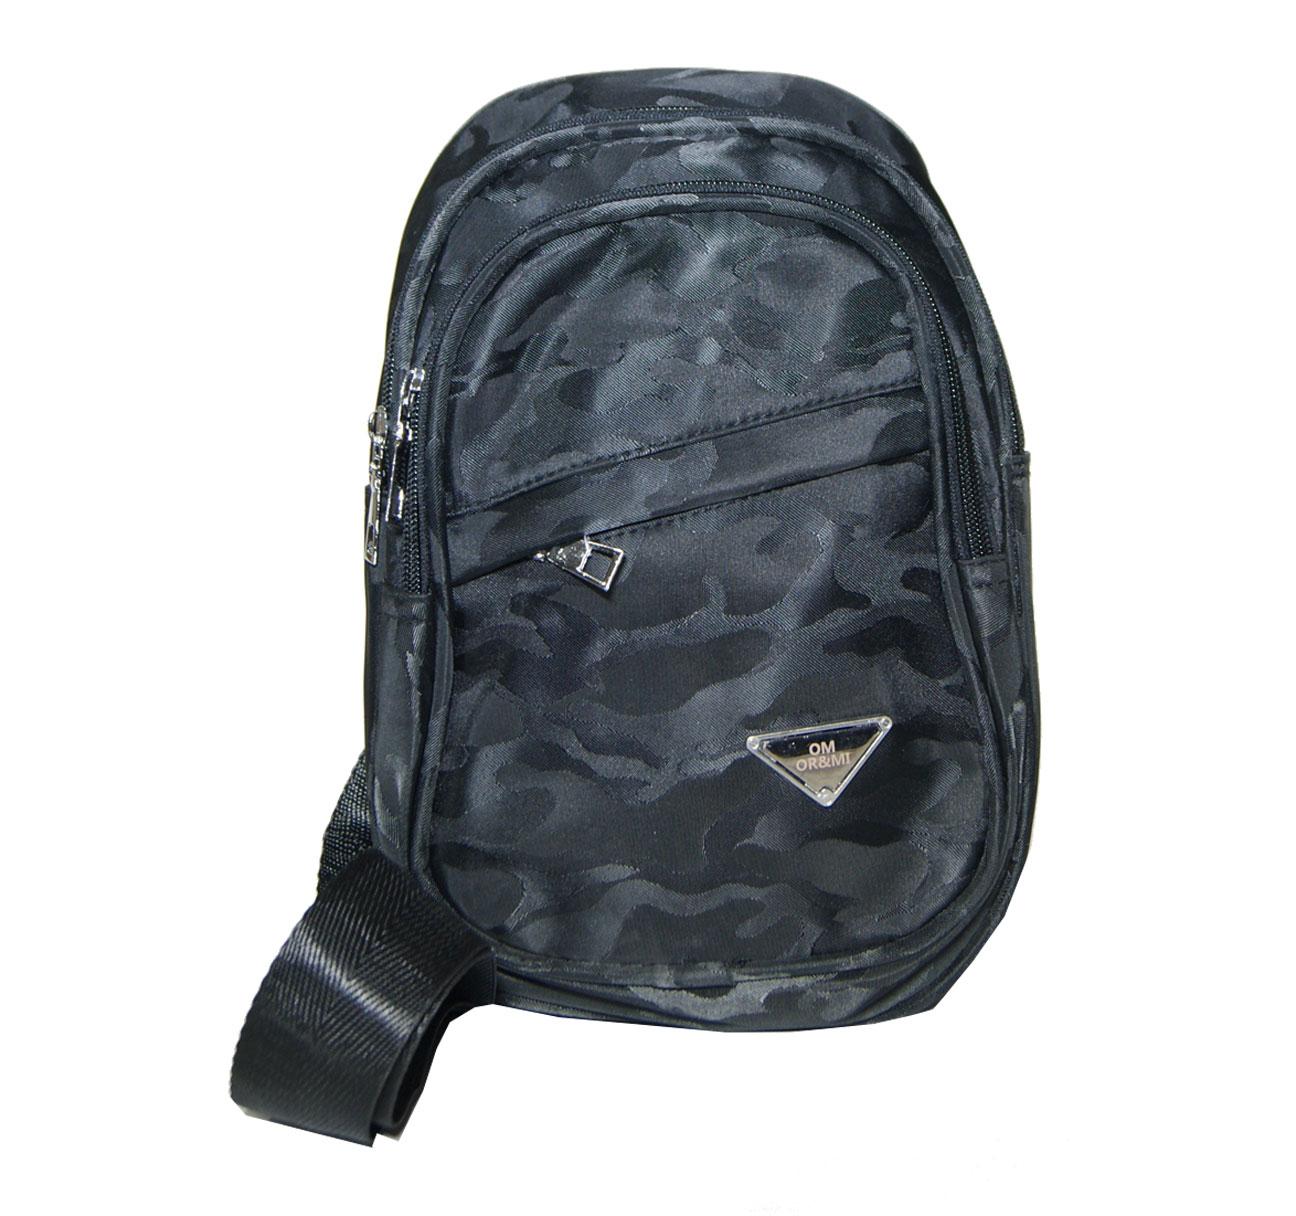 Τσάντα ανδρική ώμου ή χιαστί Νο 7880 - Μαύρη παραλλαγή (OR and MI κωδ.: 7880)